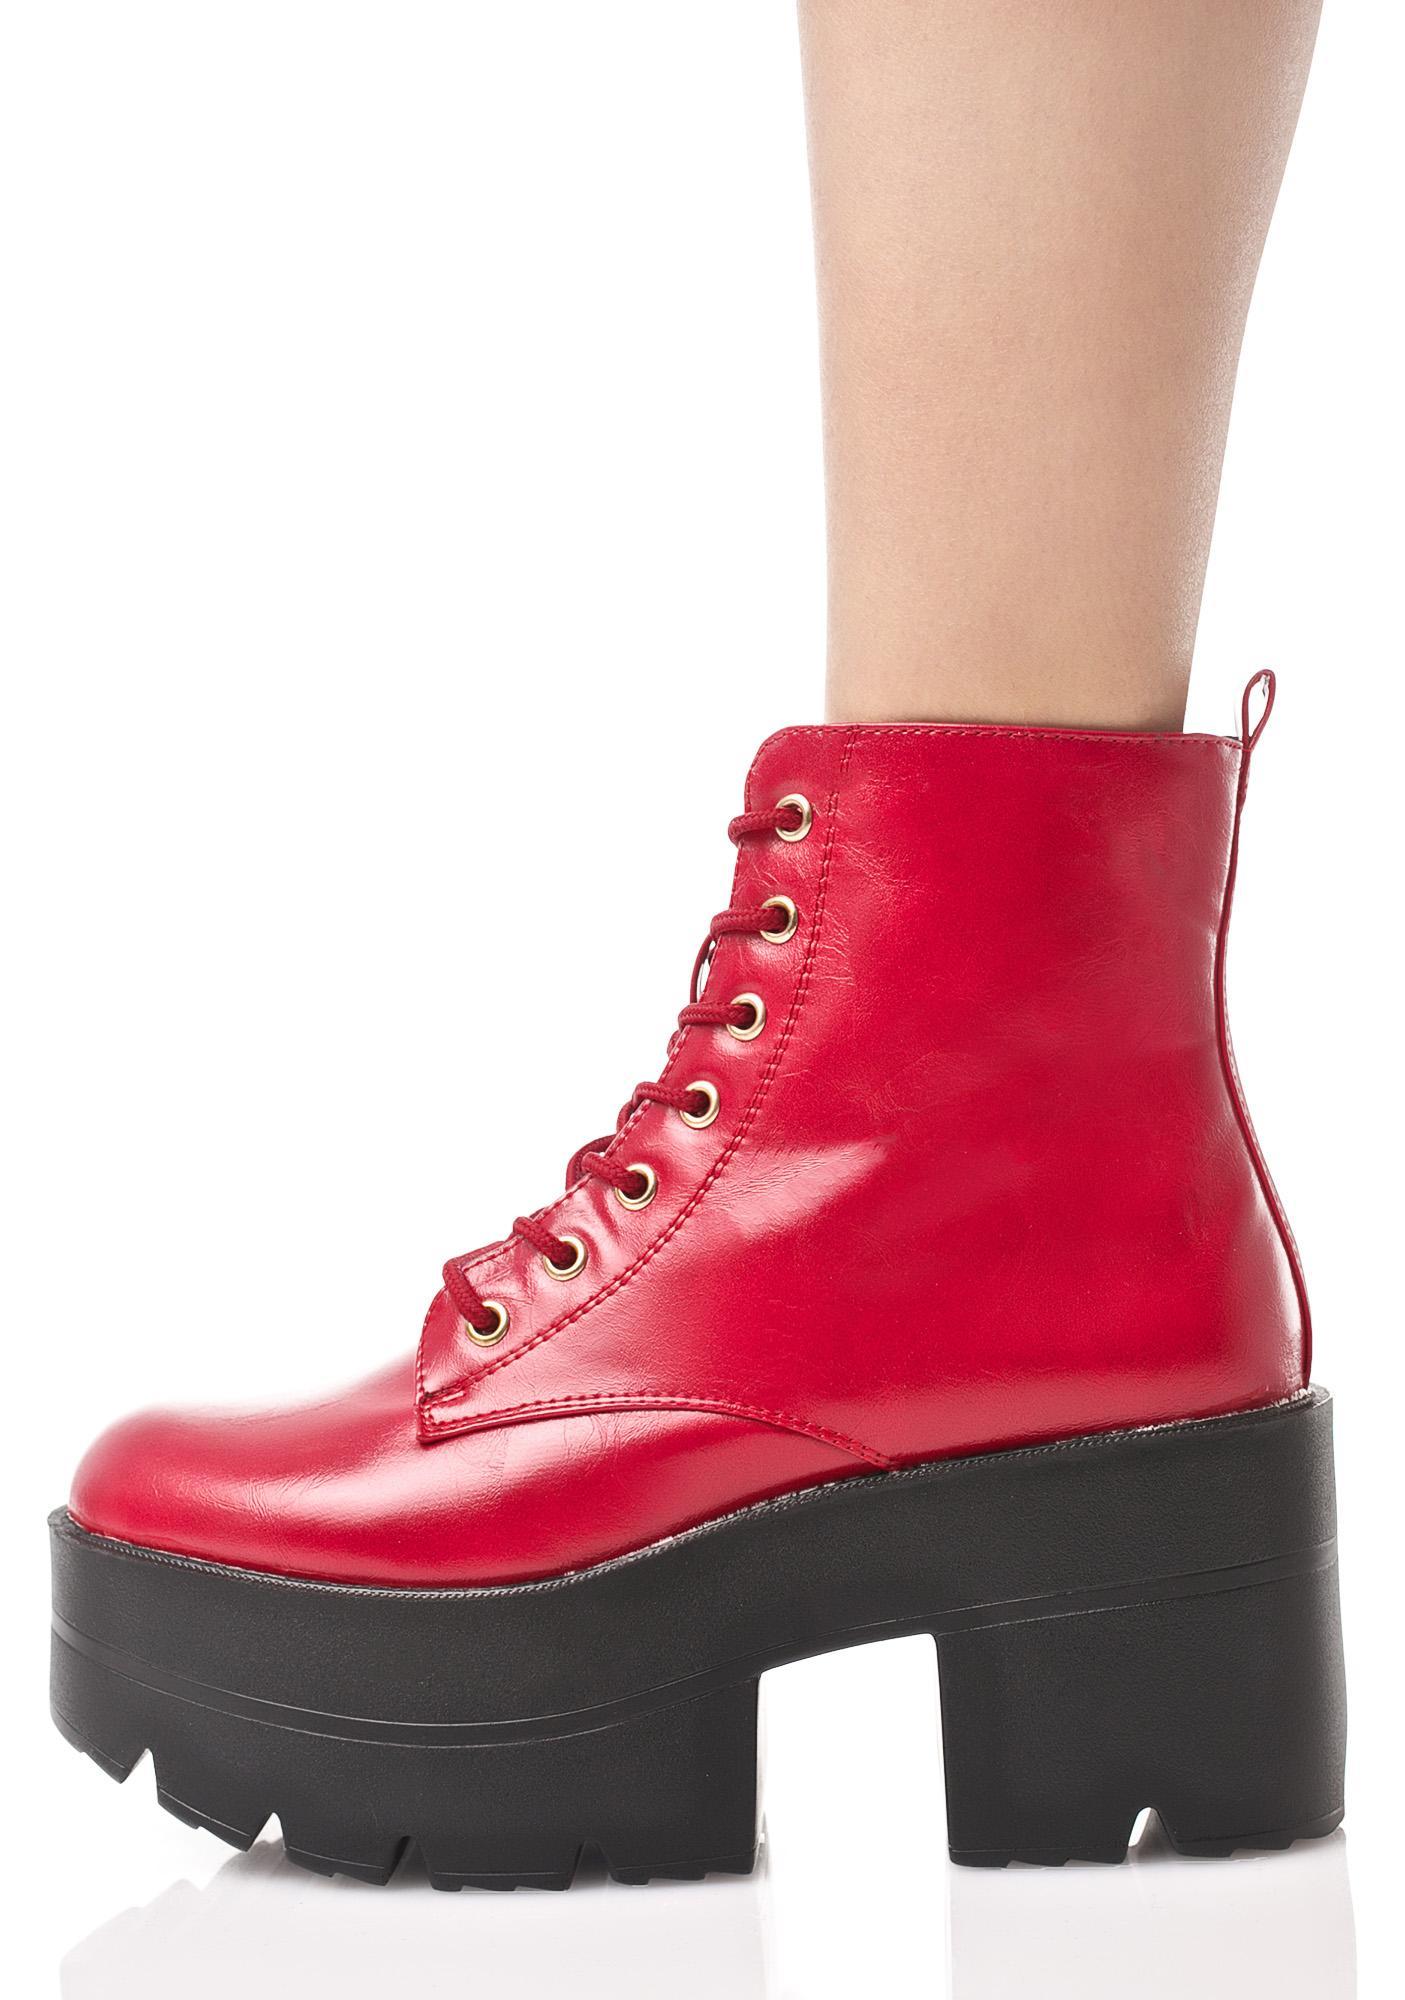 Ruff Ryder Platform Boots